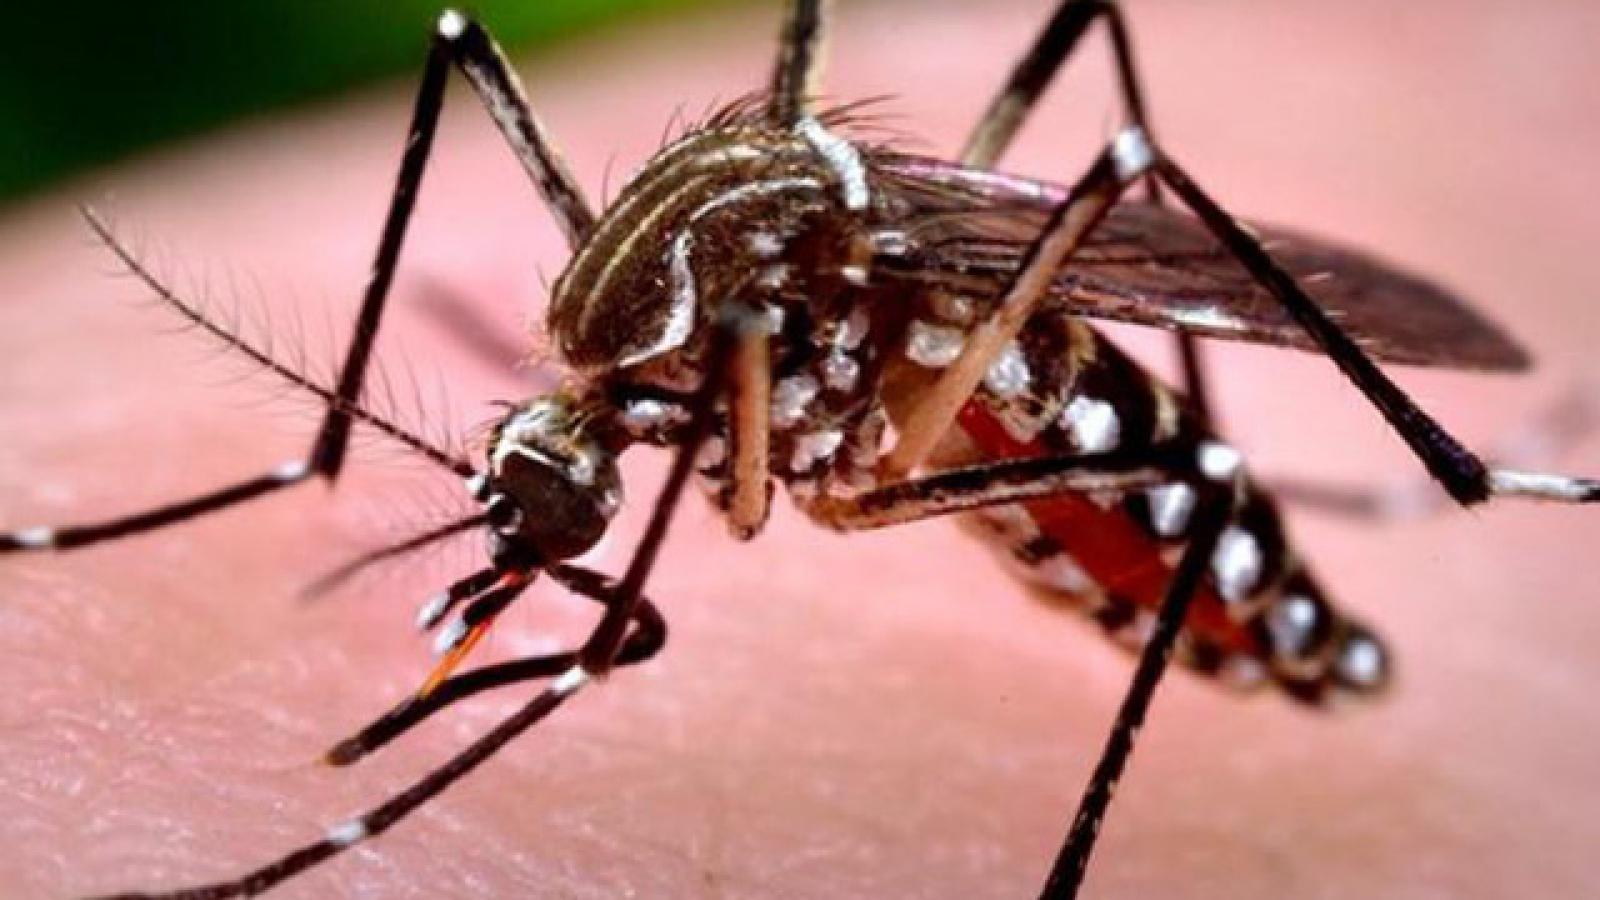 Hanoi aims to prevent spread of dengue fever